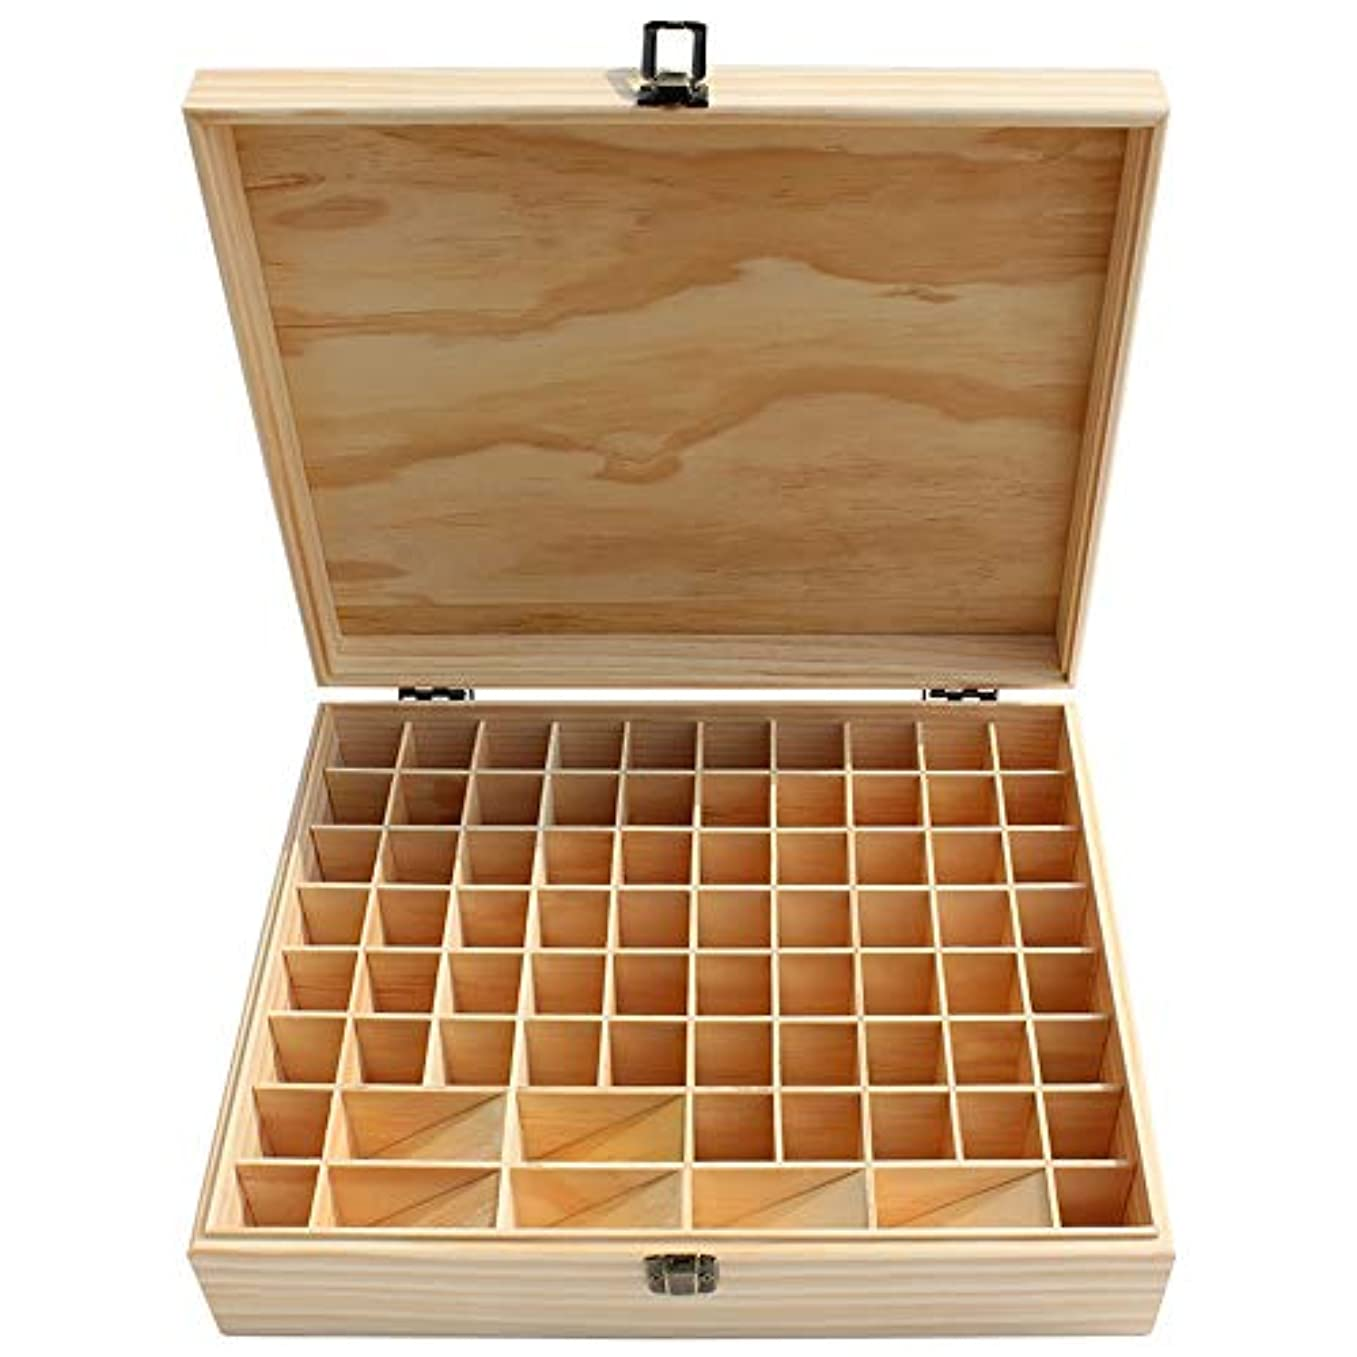 感染するブラスト巻き取りエッセンシャルオイルストレージボックス 大74スロット木製のエッセンシャルオイルストレージボックスナチュラルパインウッド 旅行およびプレゼンテーション用 (色 : Natural, サイズ : 34X27.5X9CM)